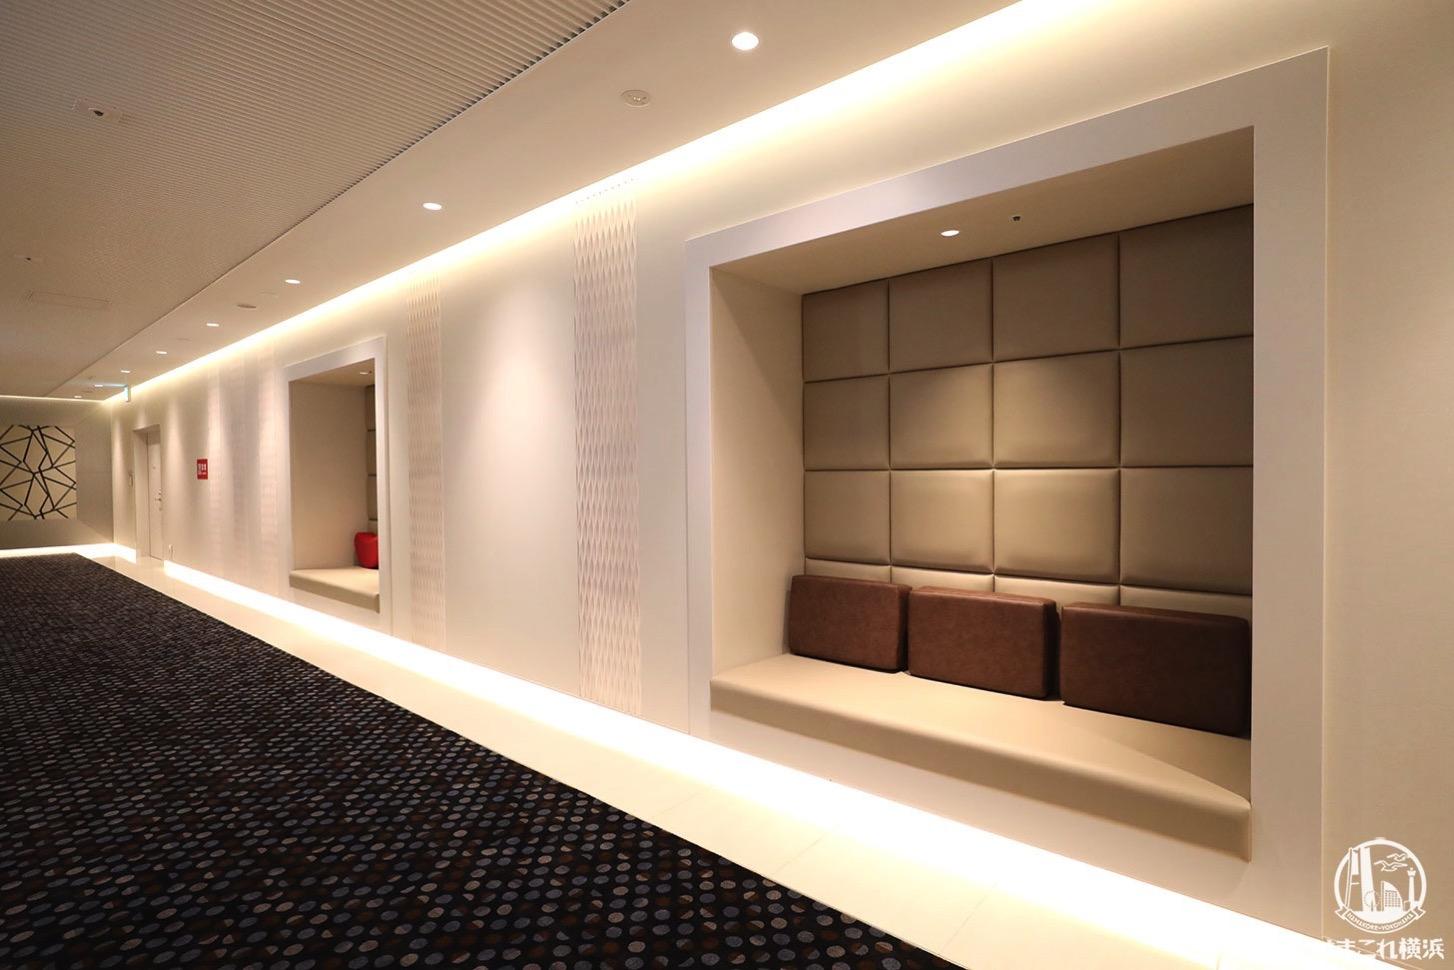 横浜駅 映画館「T・ジョイ横浜」シアター入り口前の腰掛けベンチ